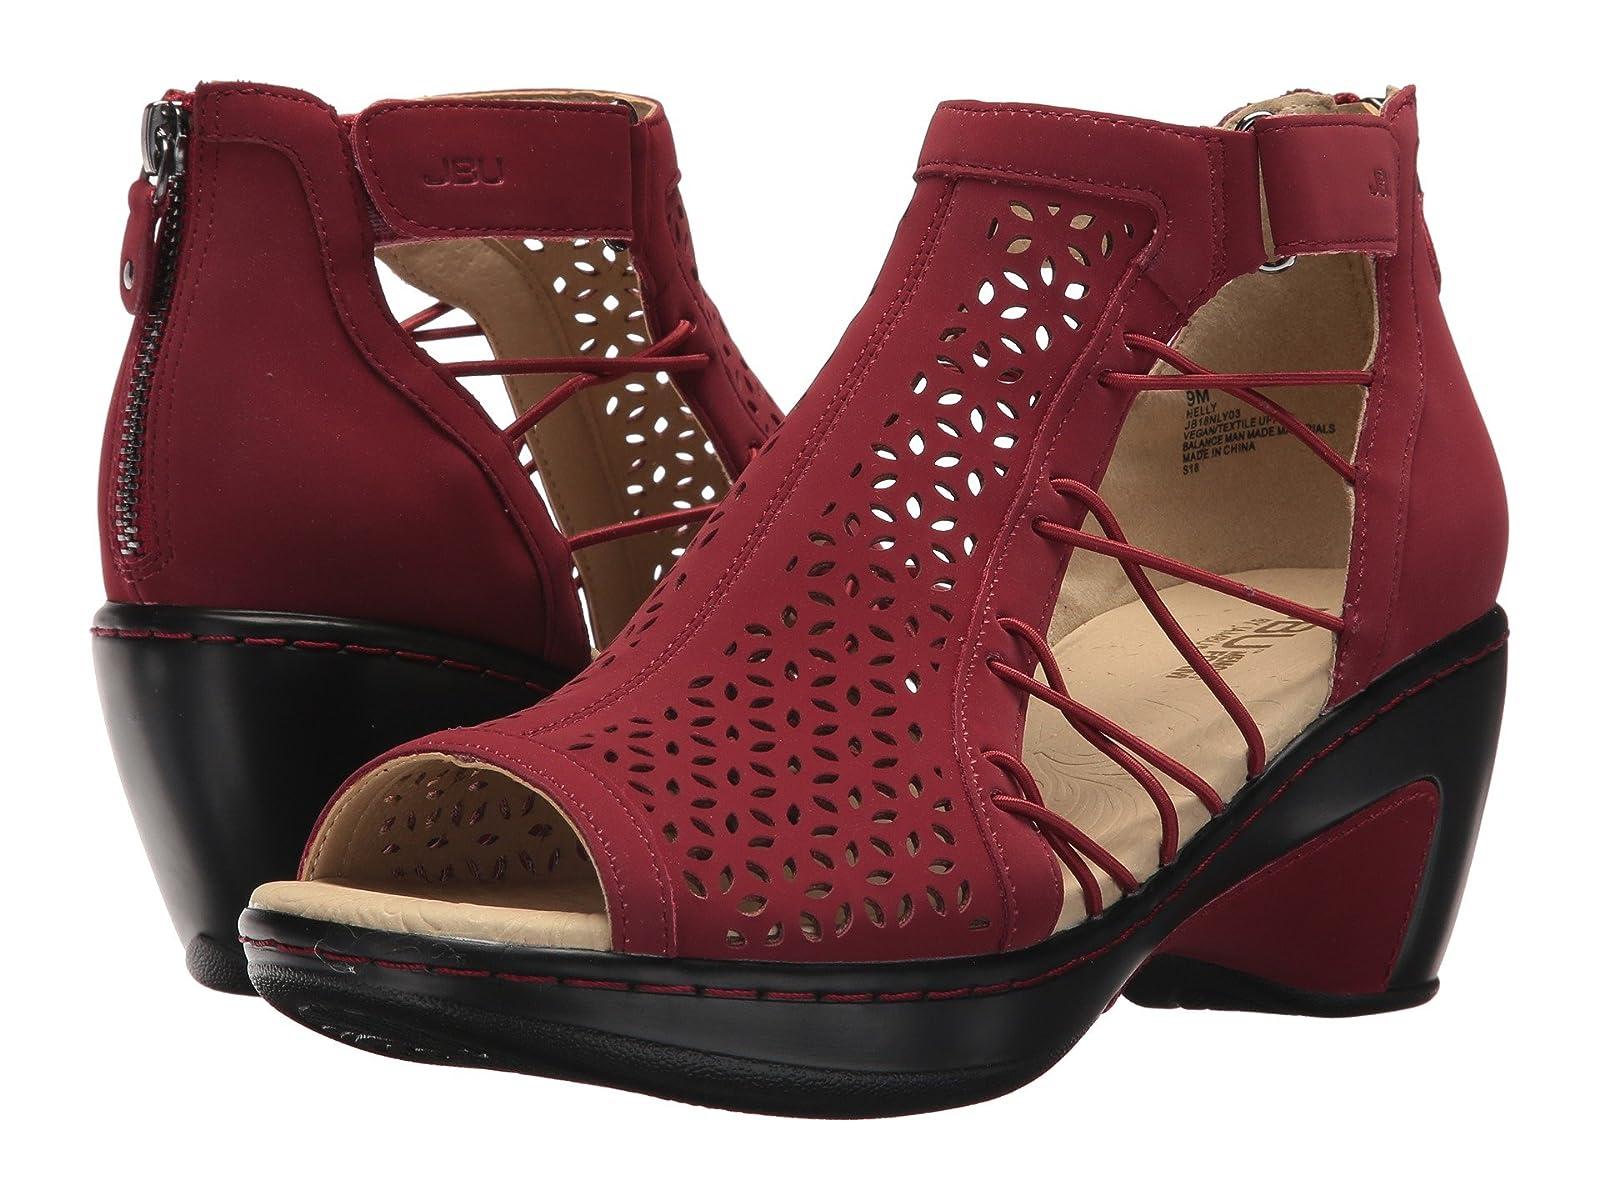 JBU NellyAtmospheric grades have affordable shoes